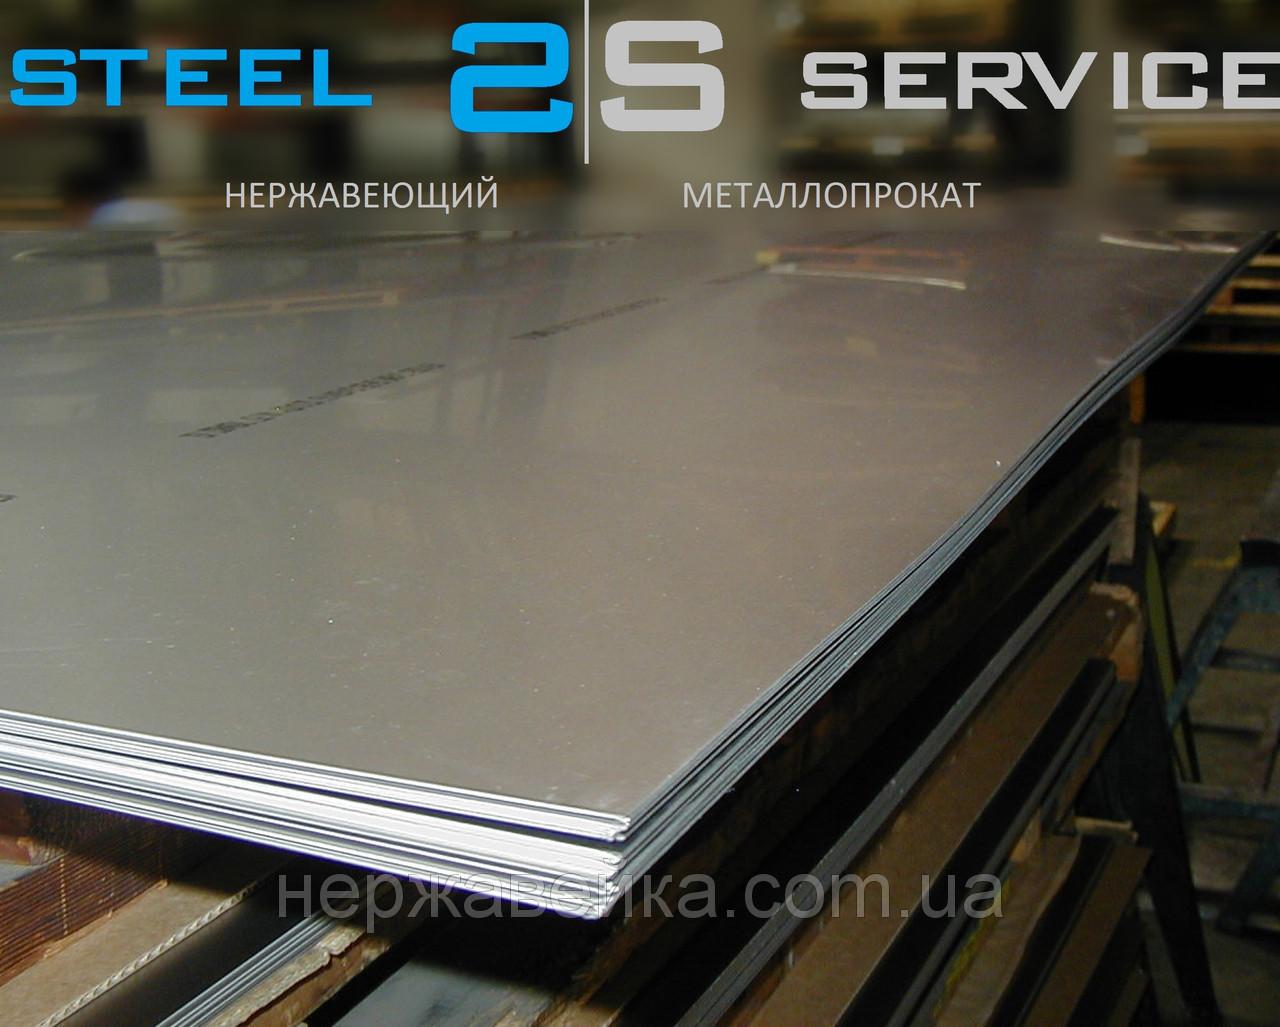 Нержавеющий лист 5х1500х3000мм  AISI 304(08Х18Н10) F1 - горячекатанный,  пищевой